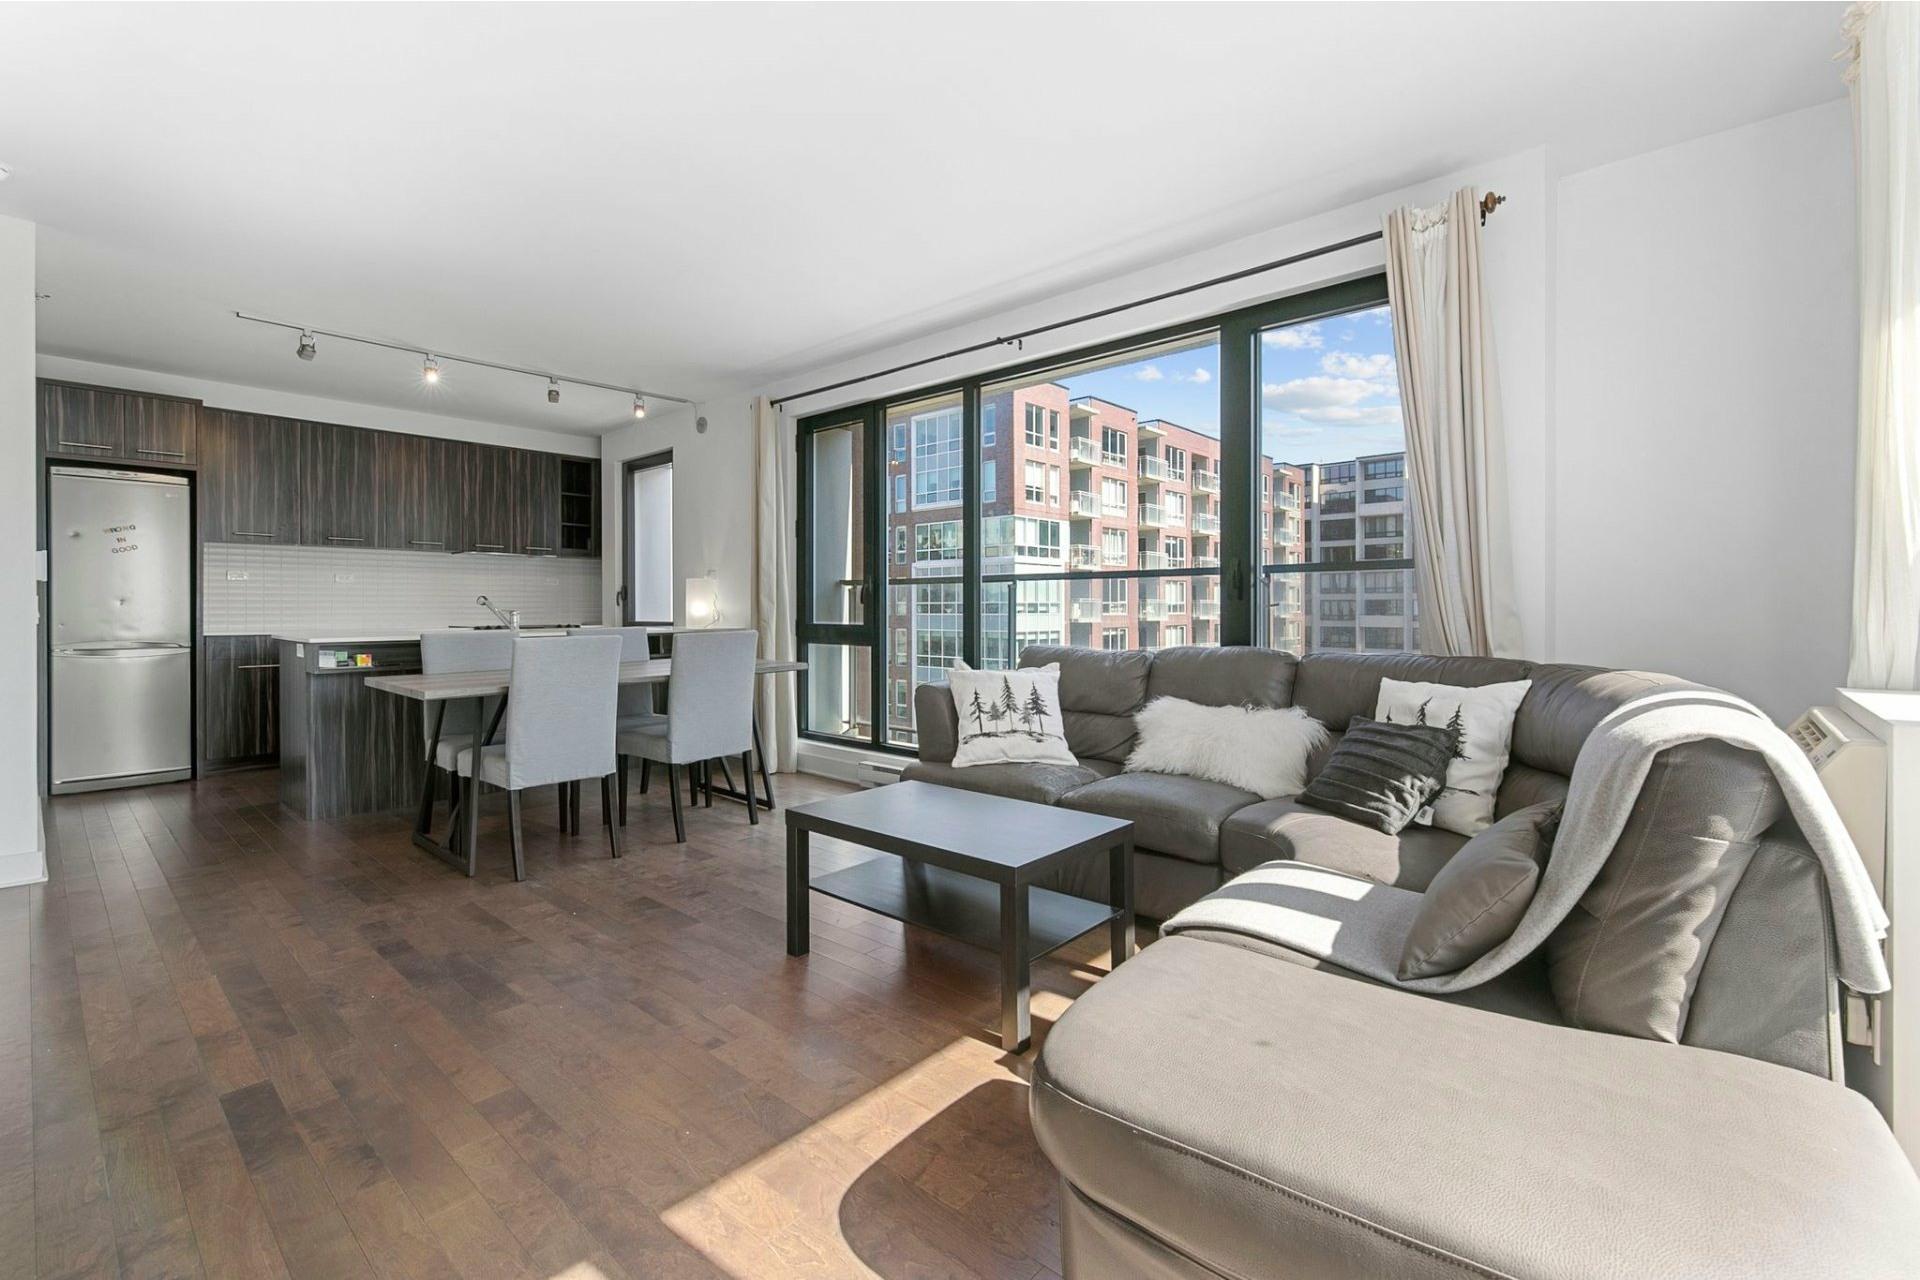 image 14 - Apartment For rent Ville-Marie Montréal  - 5 rooms